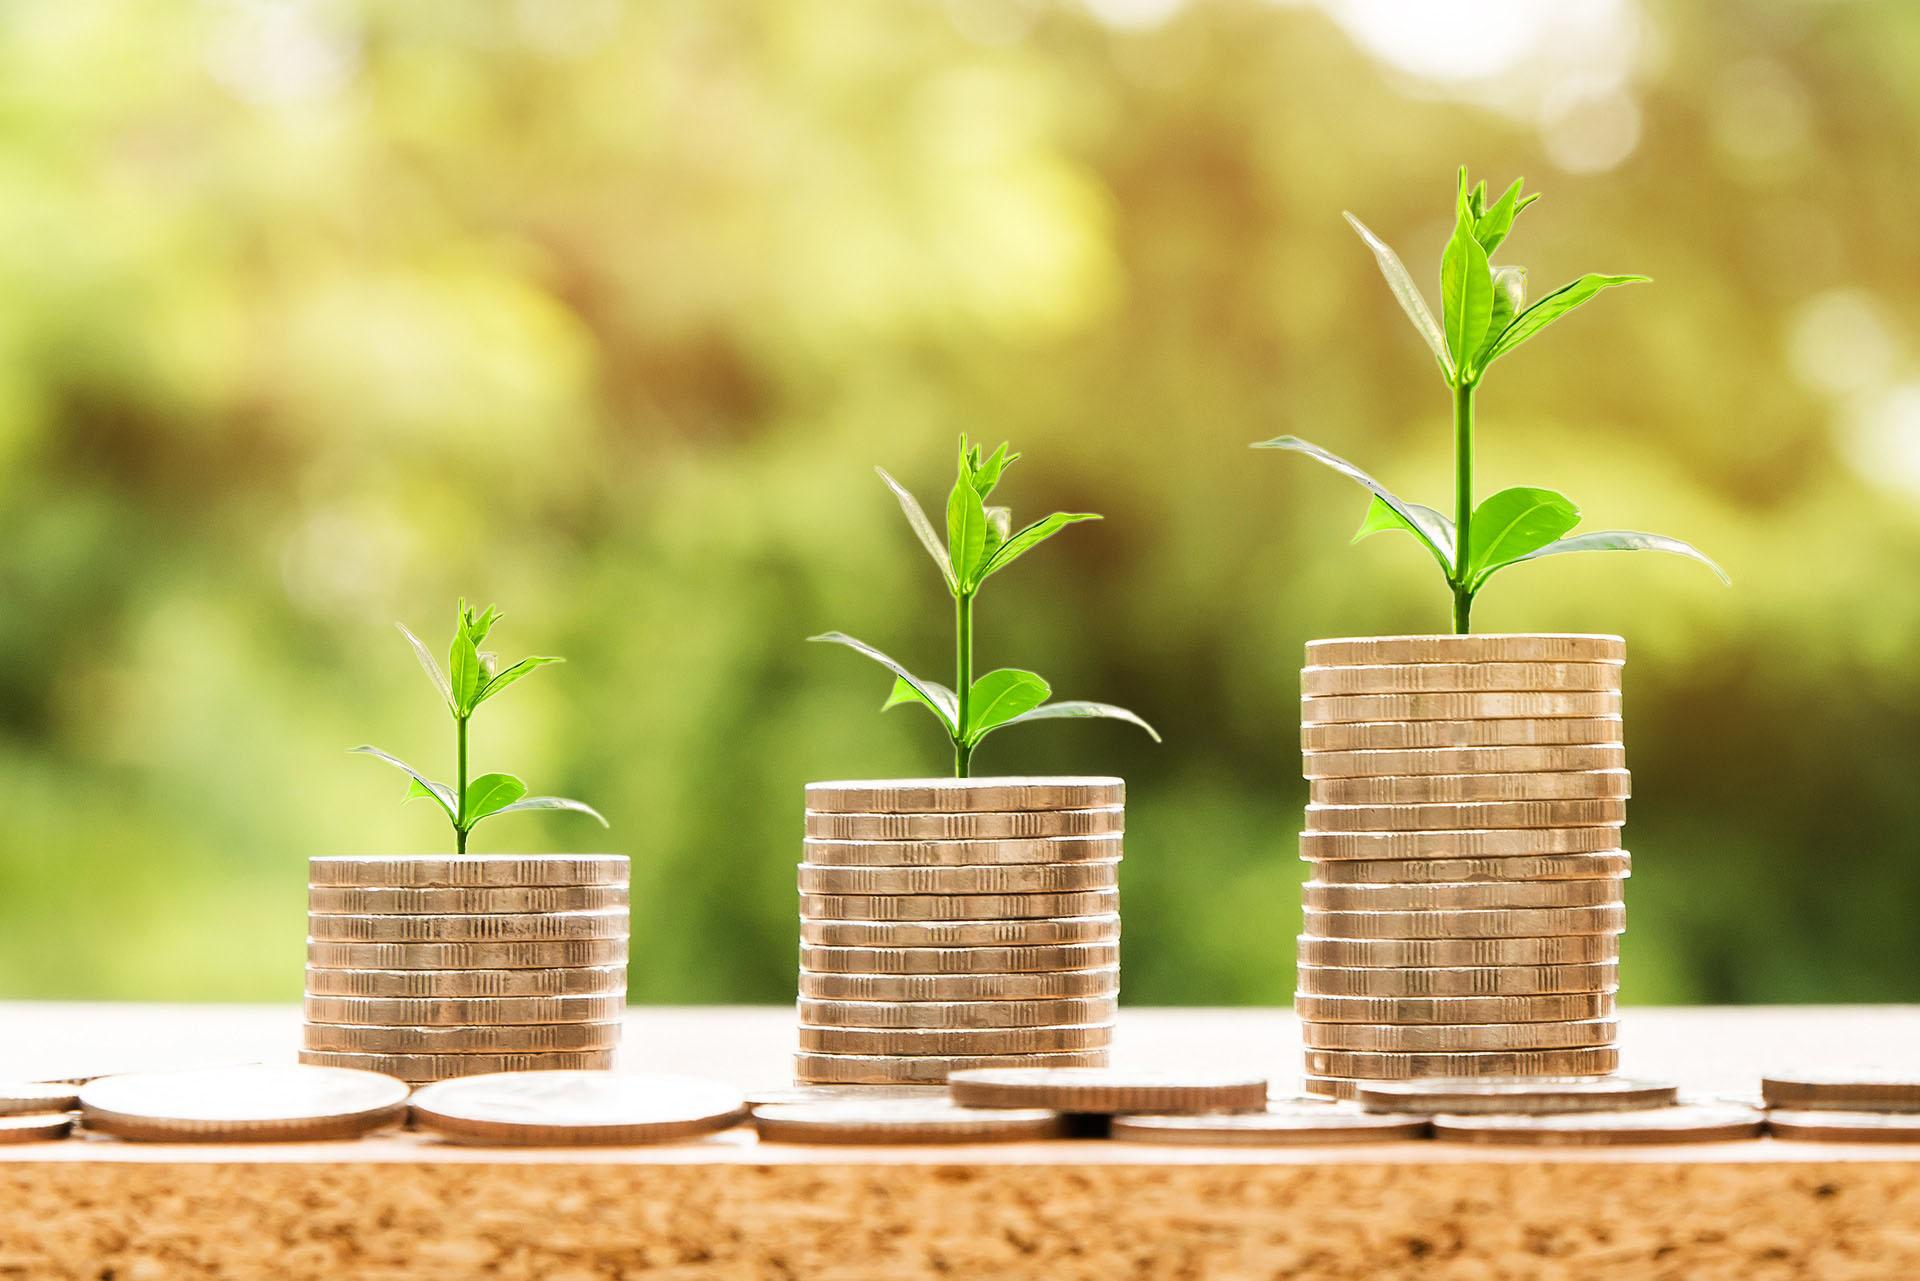 Kabinet vervangt BIK-regeling door verlaging werkgeverspremie